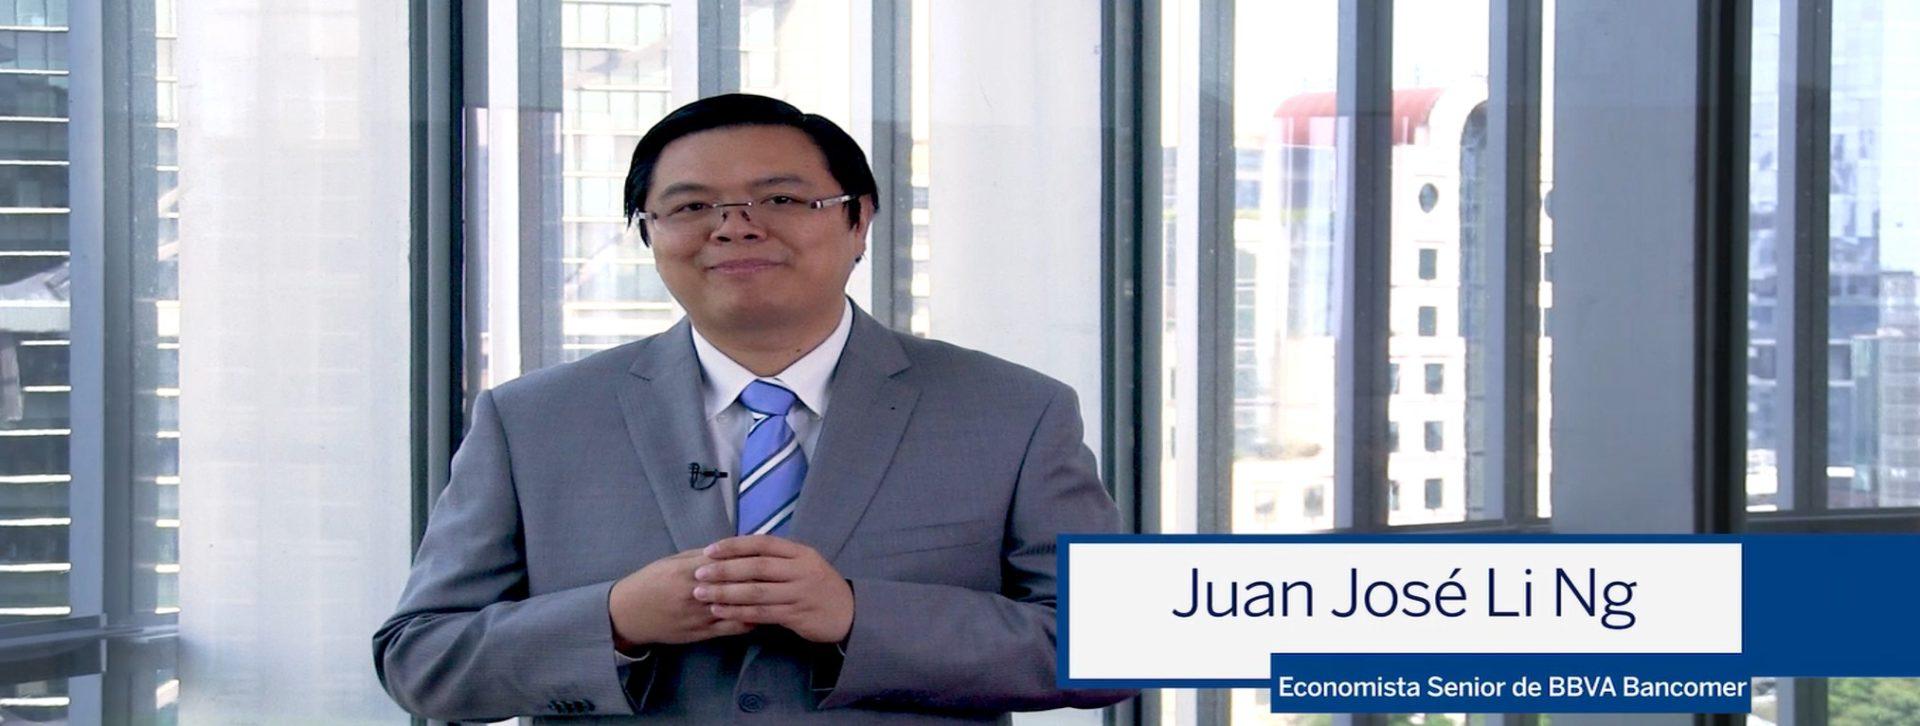 Juan José Li NG_2